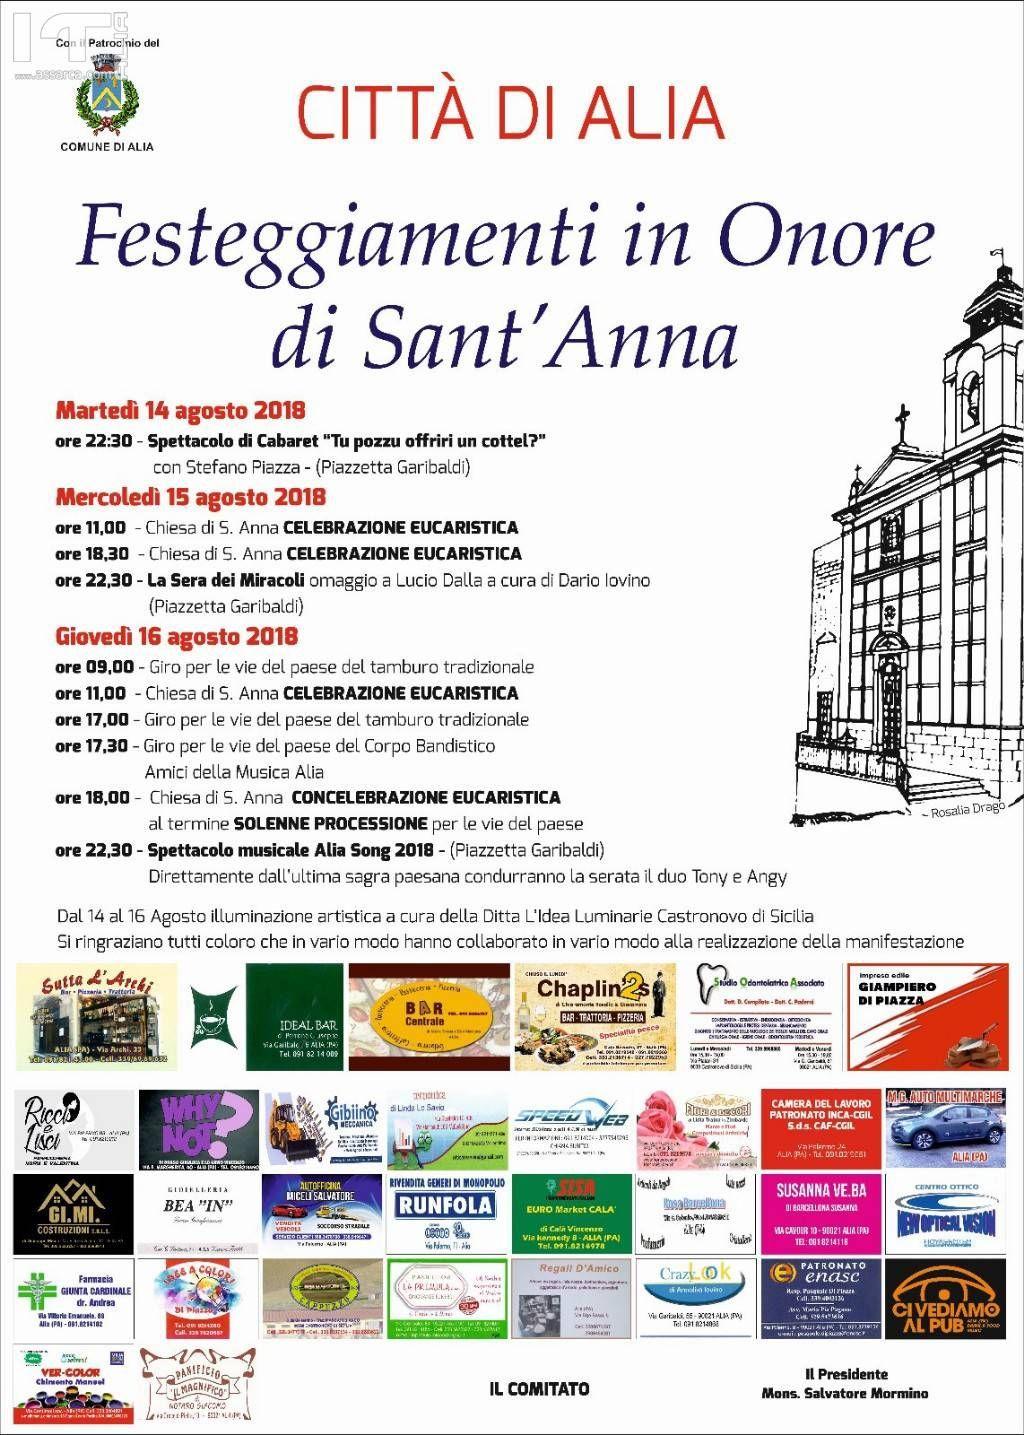 Programma Festeggiamenti in onore di Sant Anna.